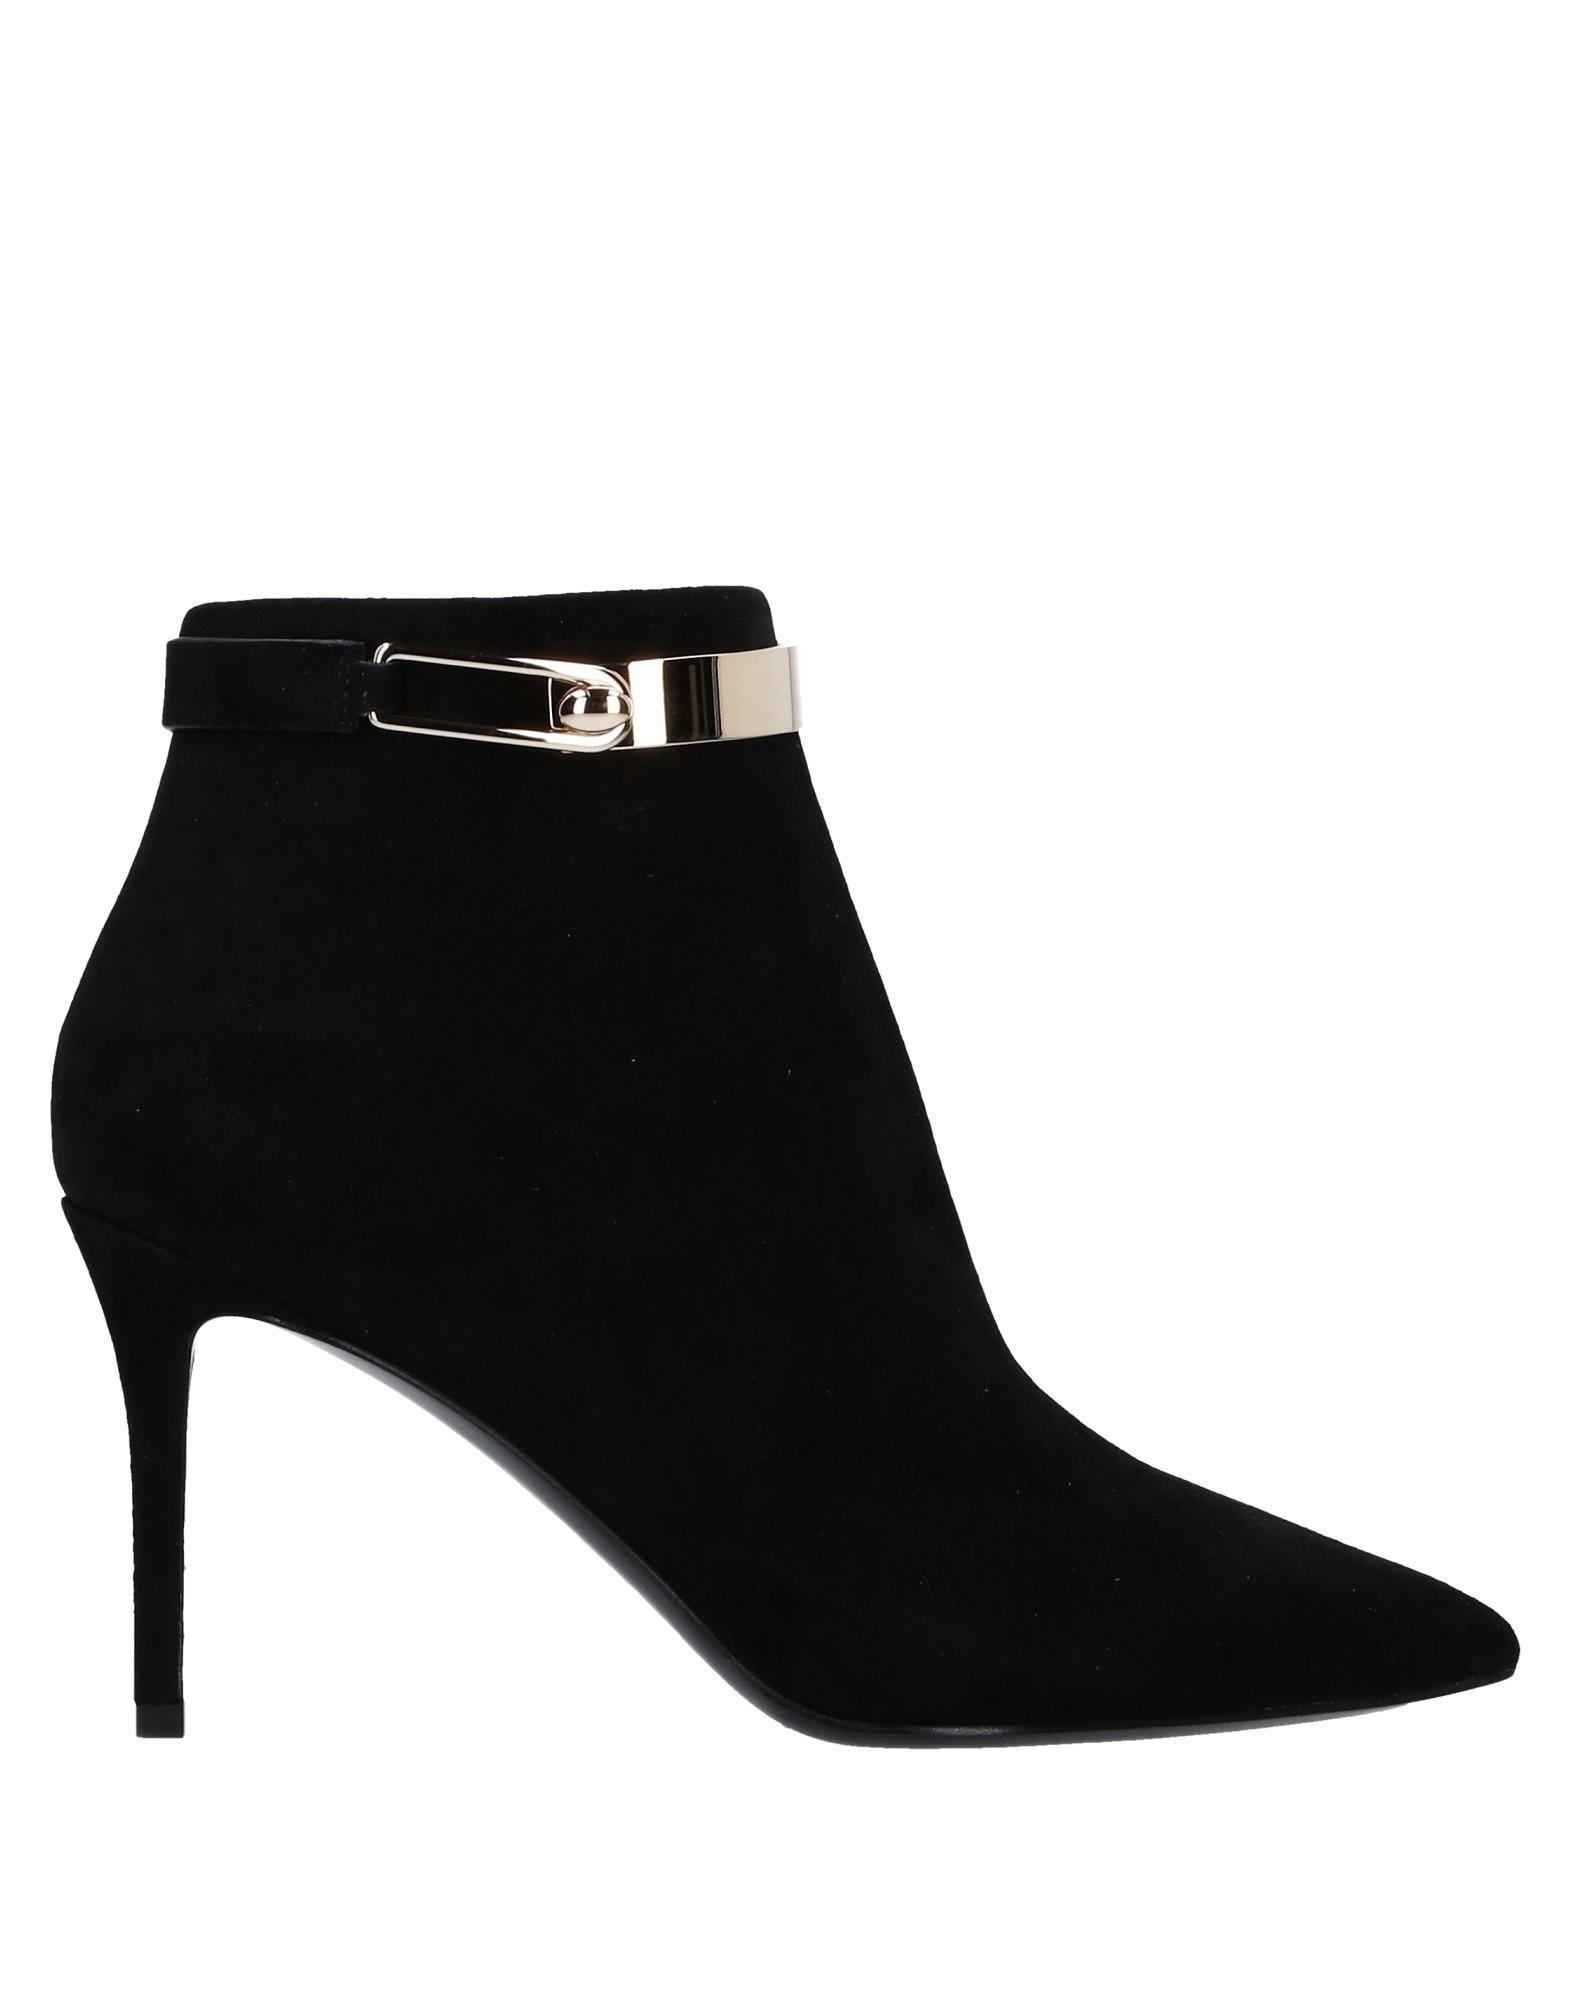 Rabatt Schuhe  Stella Luna Stiefelette Damen  Schuhe 11539308EL 665a5f